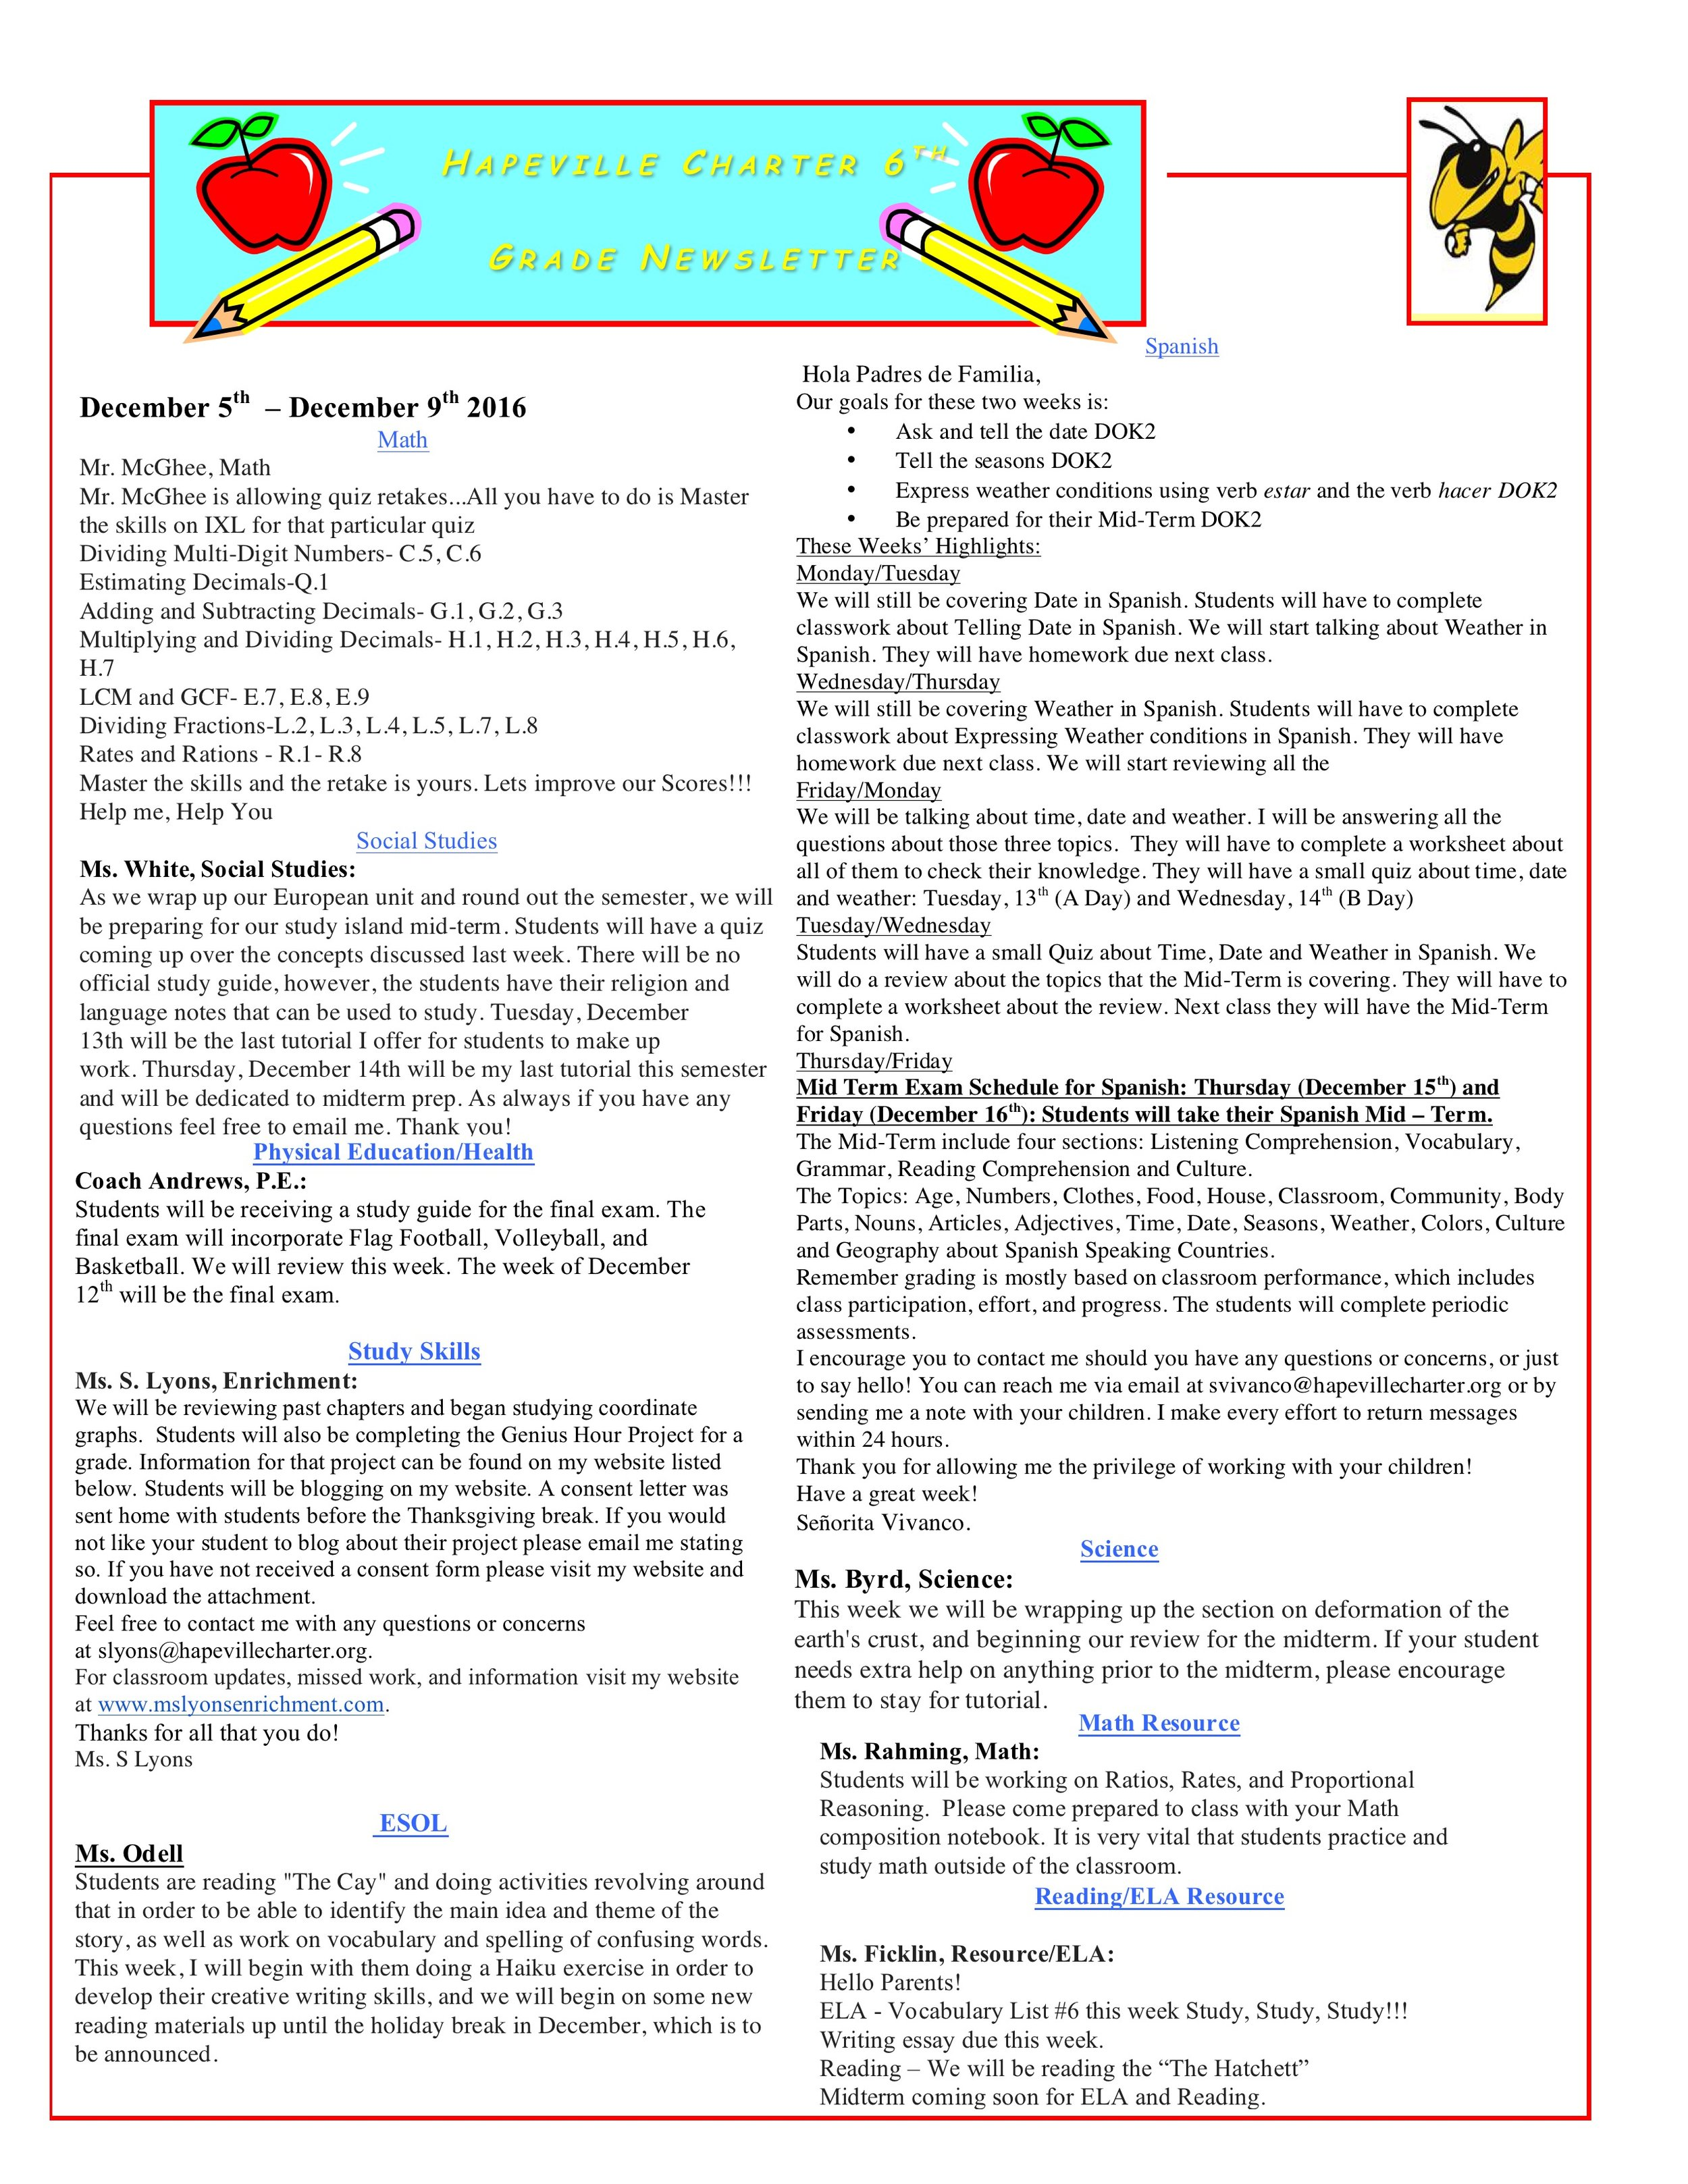 Newsletter Image6th Grade Newsletter 12.5.2016.jpeg